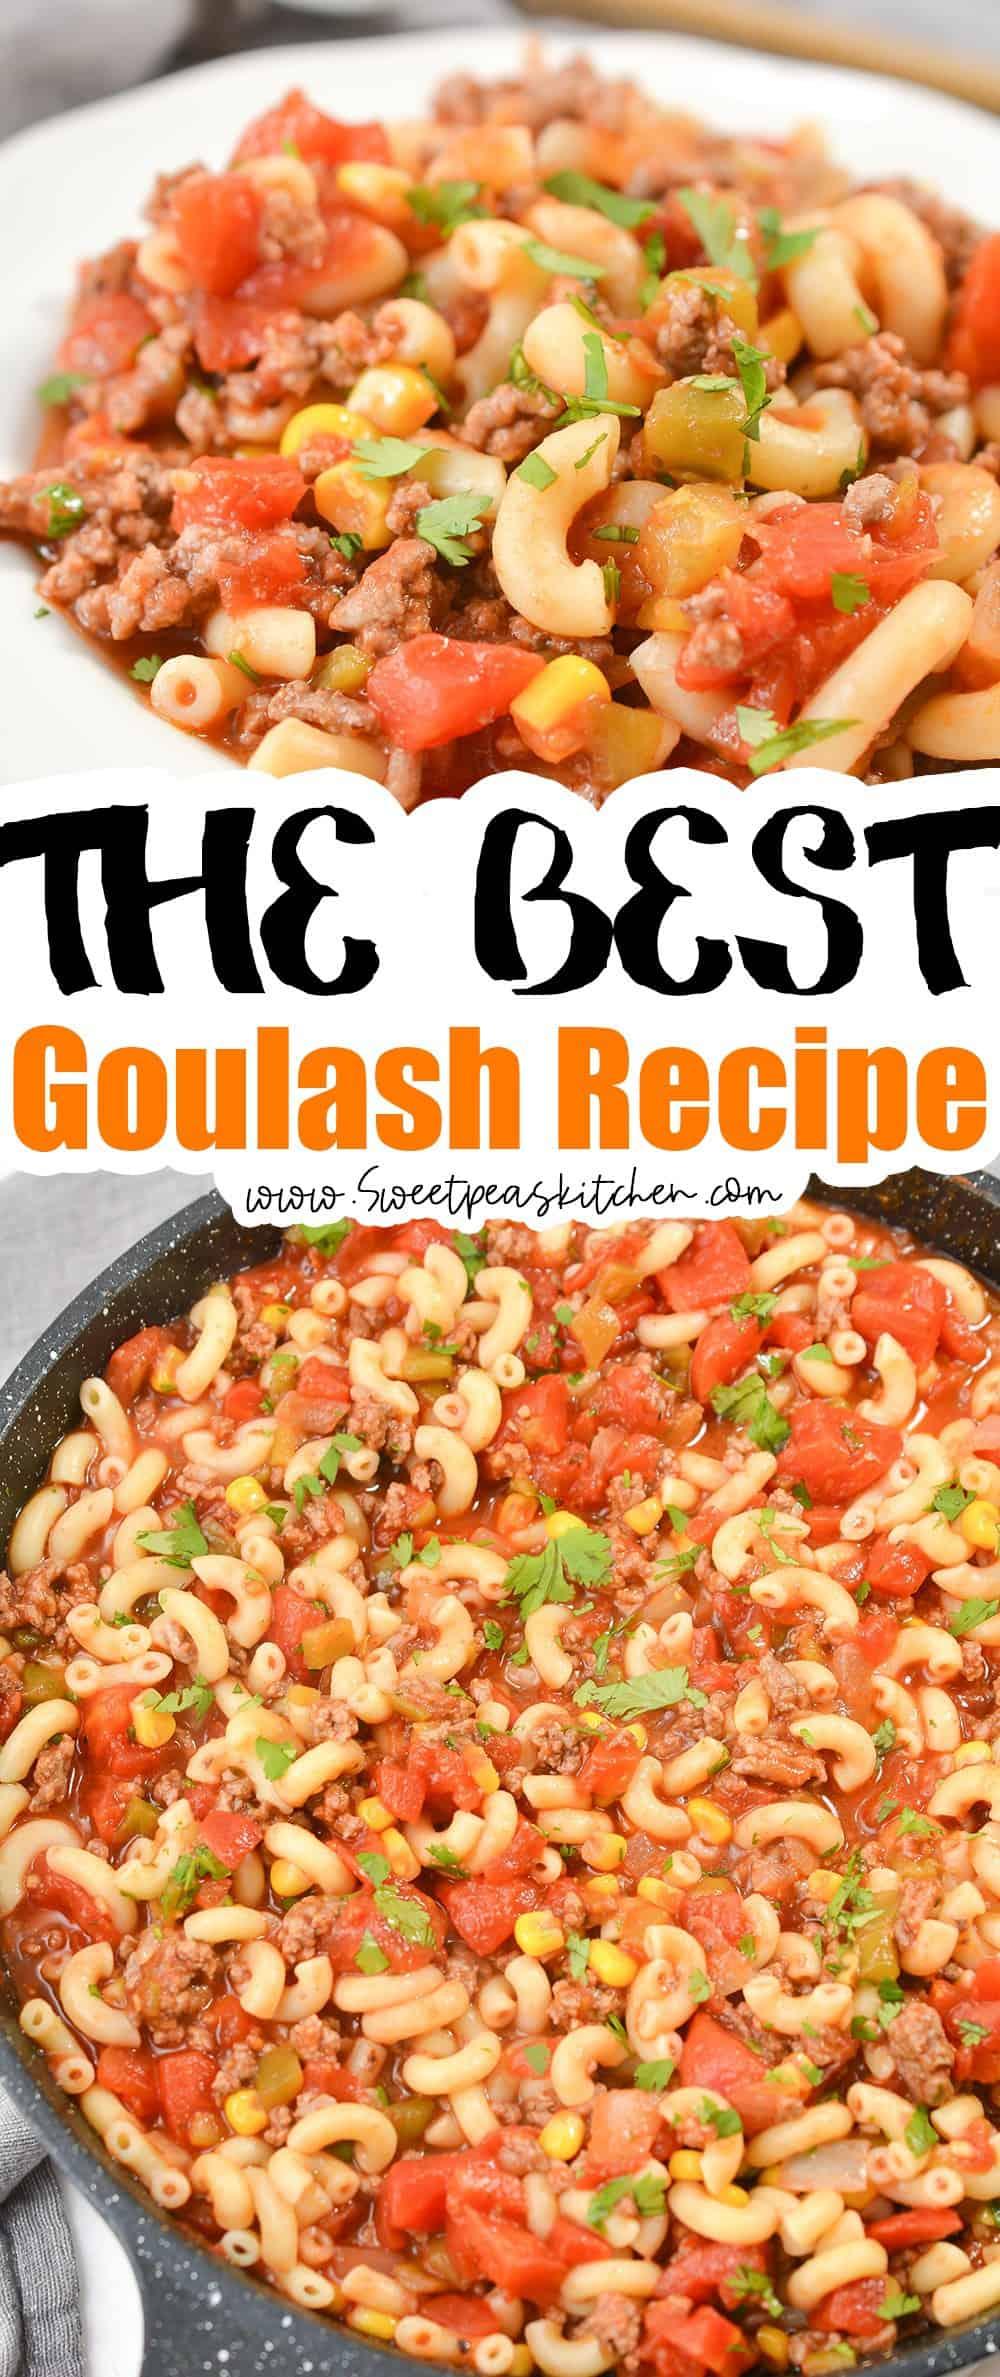 The Best Goulash Recipe